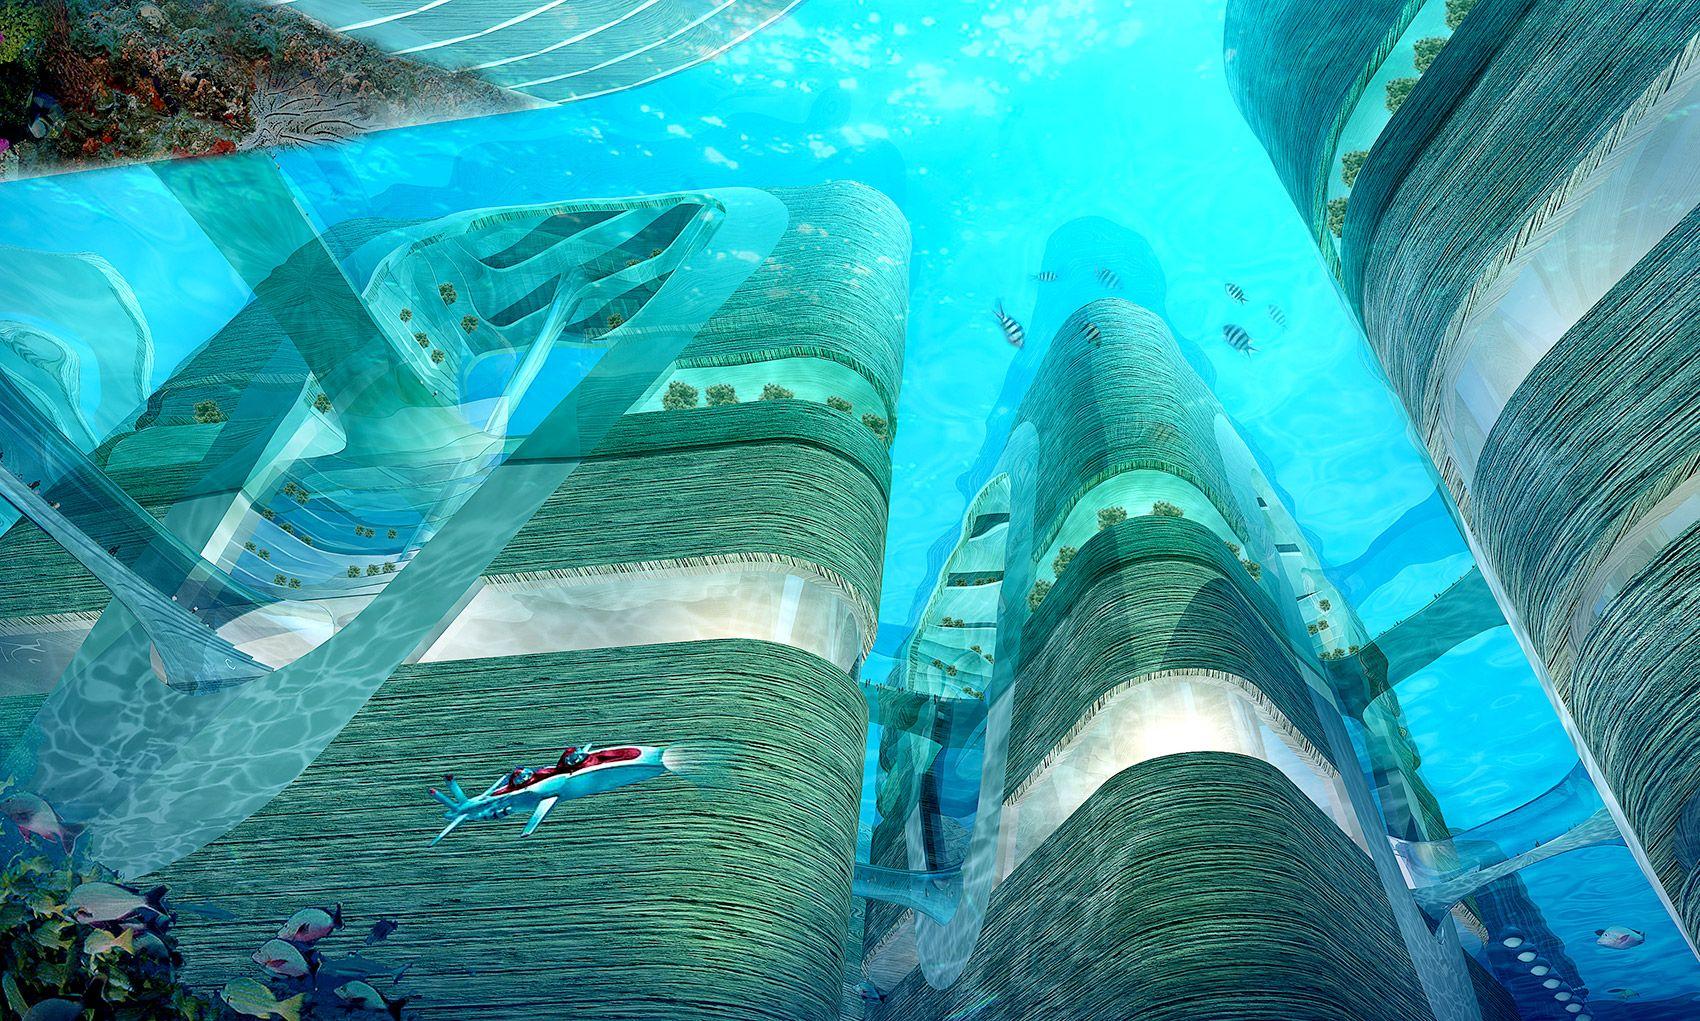 Vingt mille lieux sur les mers : comment les architectes voient la on